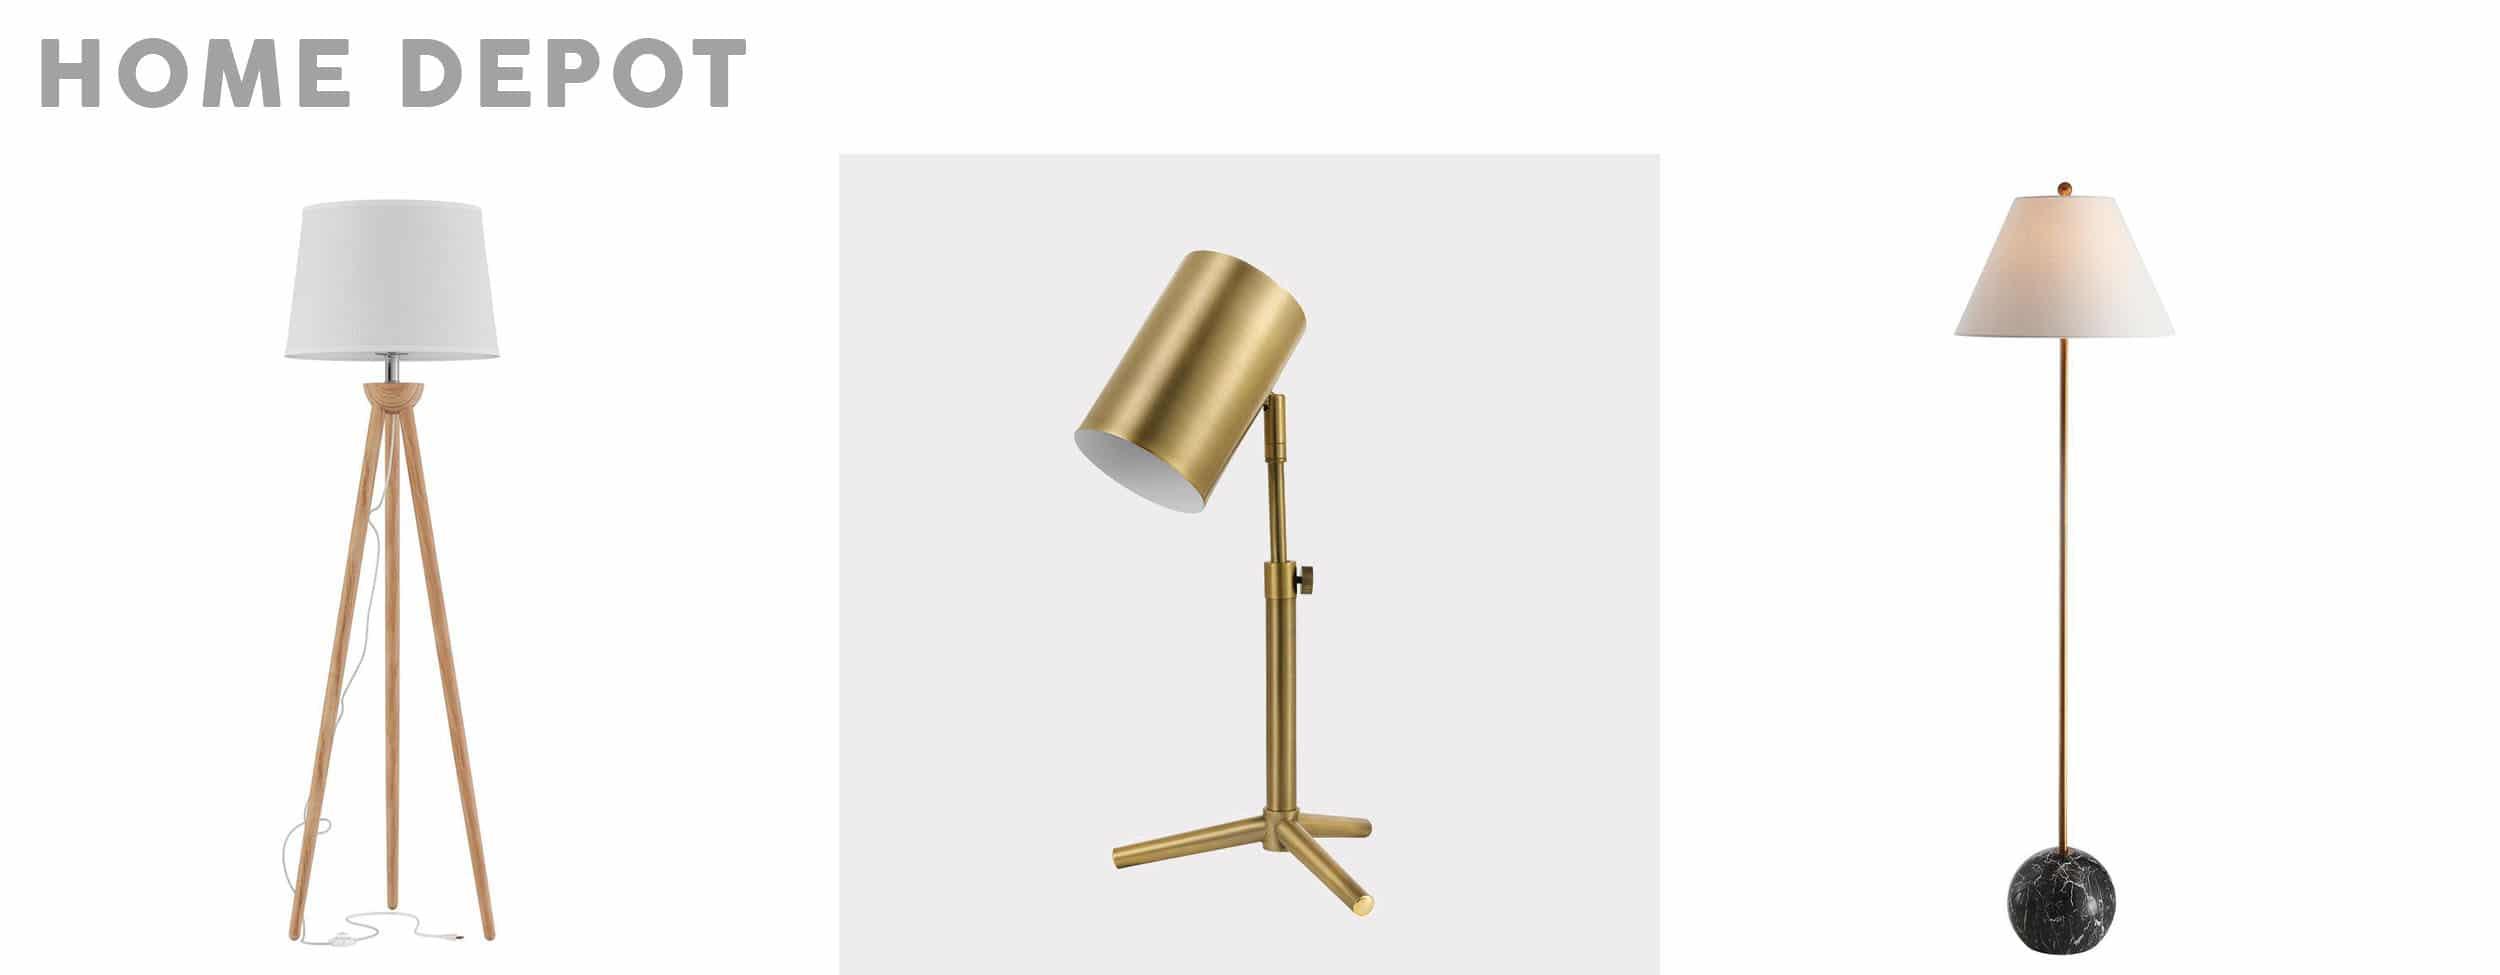 Emily Henderson affordable living room lighting_8